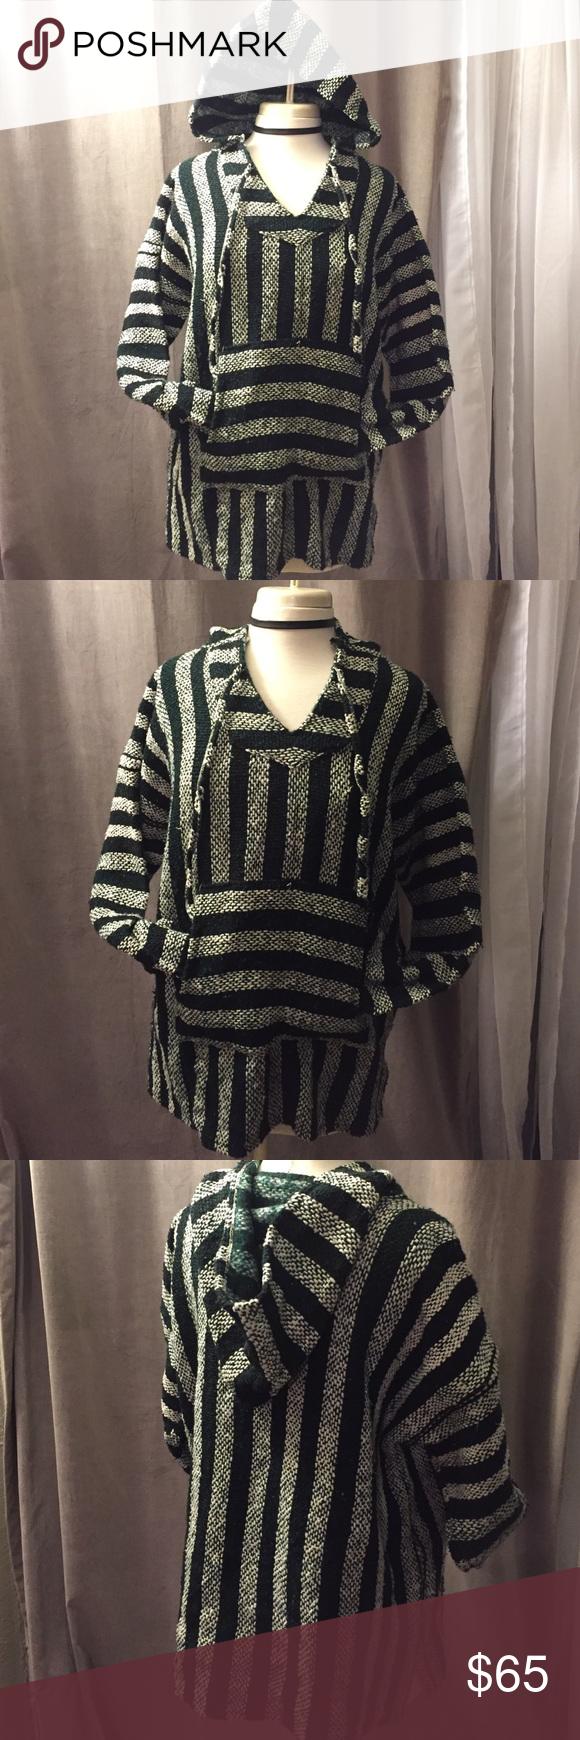 Price Drop Frm 60 Baja Hoodie 90s Vintage Vibe Clothes Design Vintage Vibes Hoodies